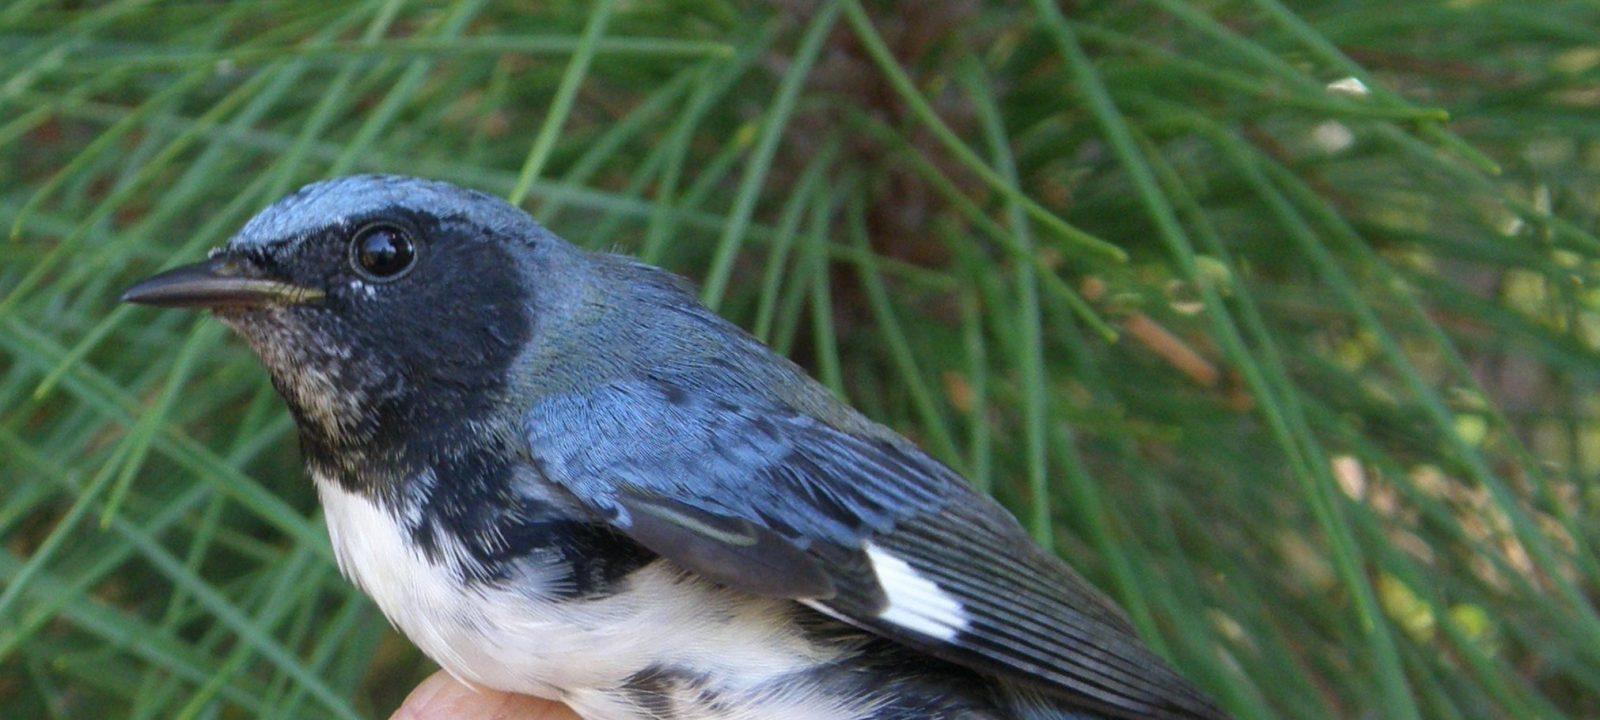 Black-throated-blue warbler